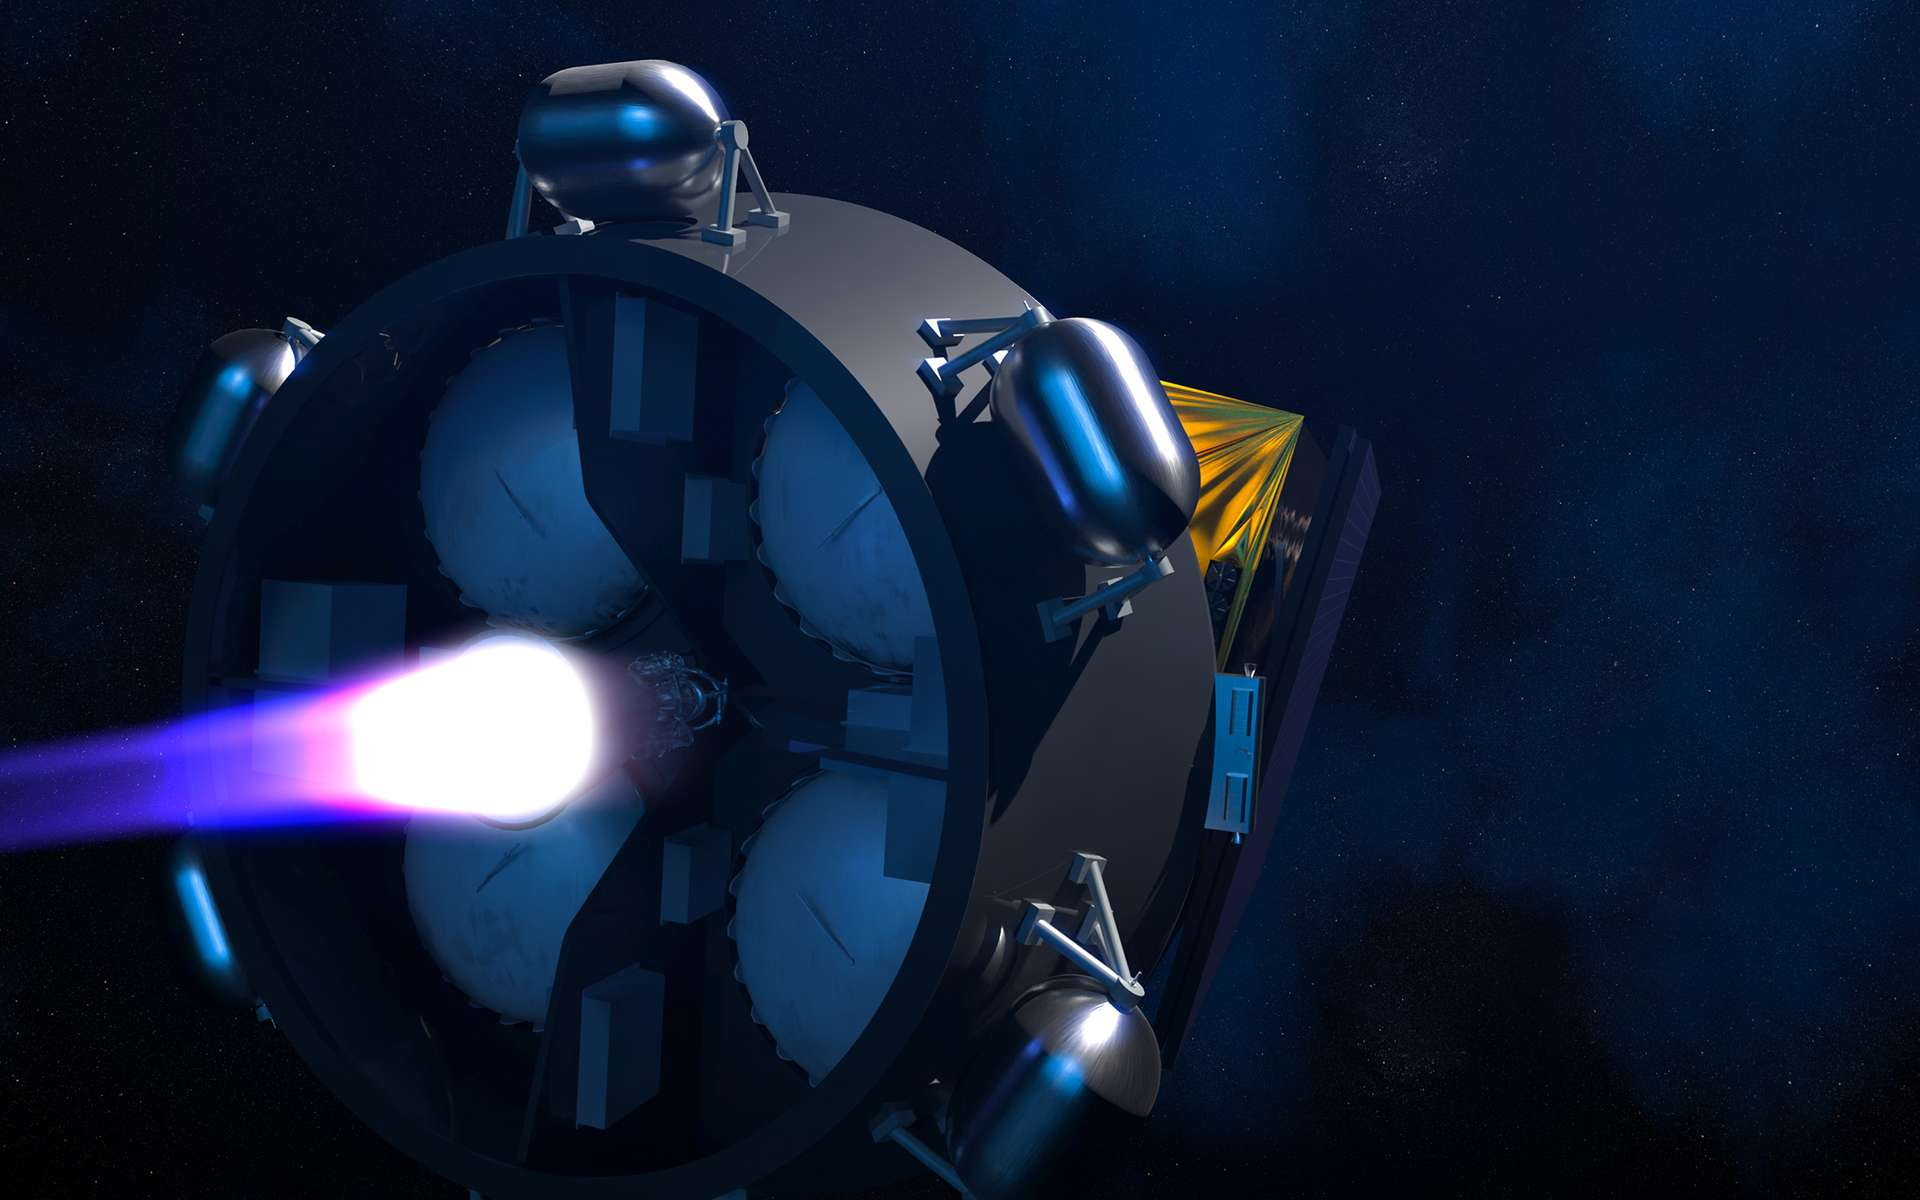 Avec Astris, un étage additionnel financé par l'ESA et réalisé par ArianeGroup, Ariane 6 sera encore plus polyvalente et attractive. © ArianeGroup